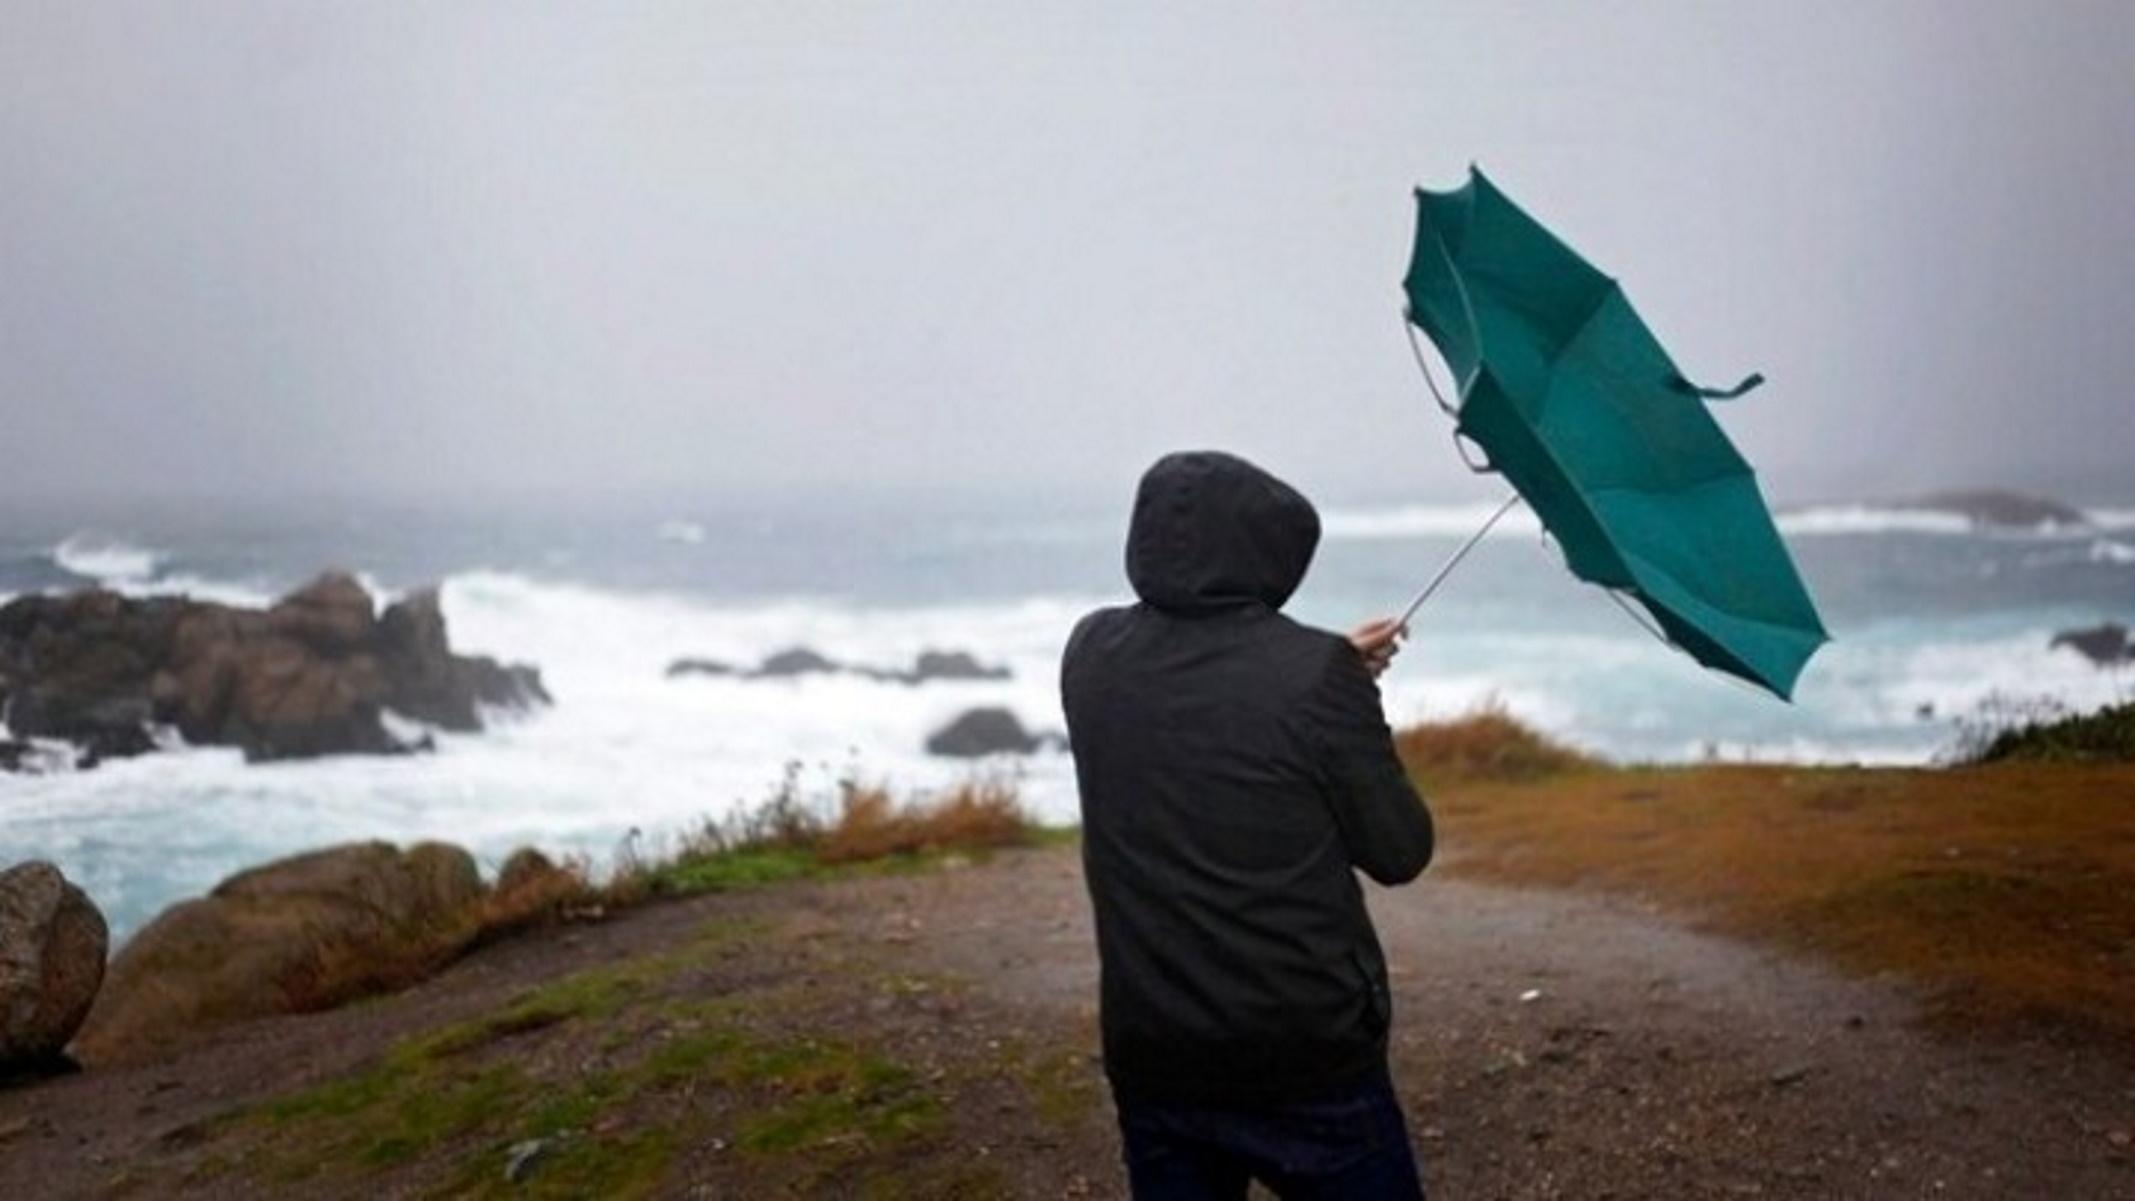 Καιρός αύριο: Έρχονται βροχές και καταιγίδες – Πού θα «χτυπήσουν» τα φαινόμενα